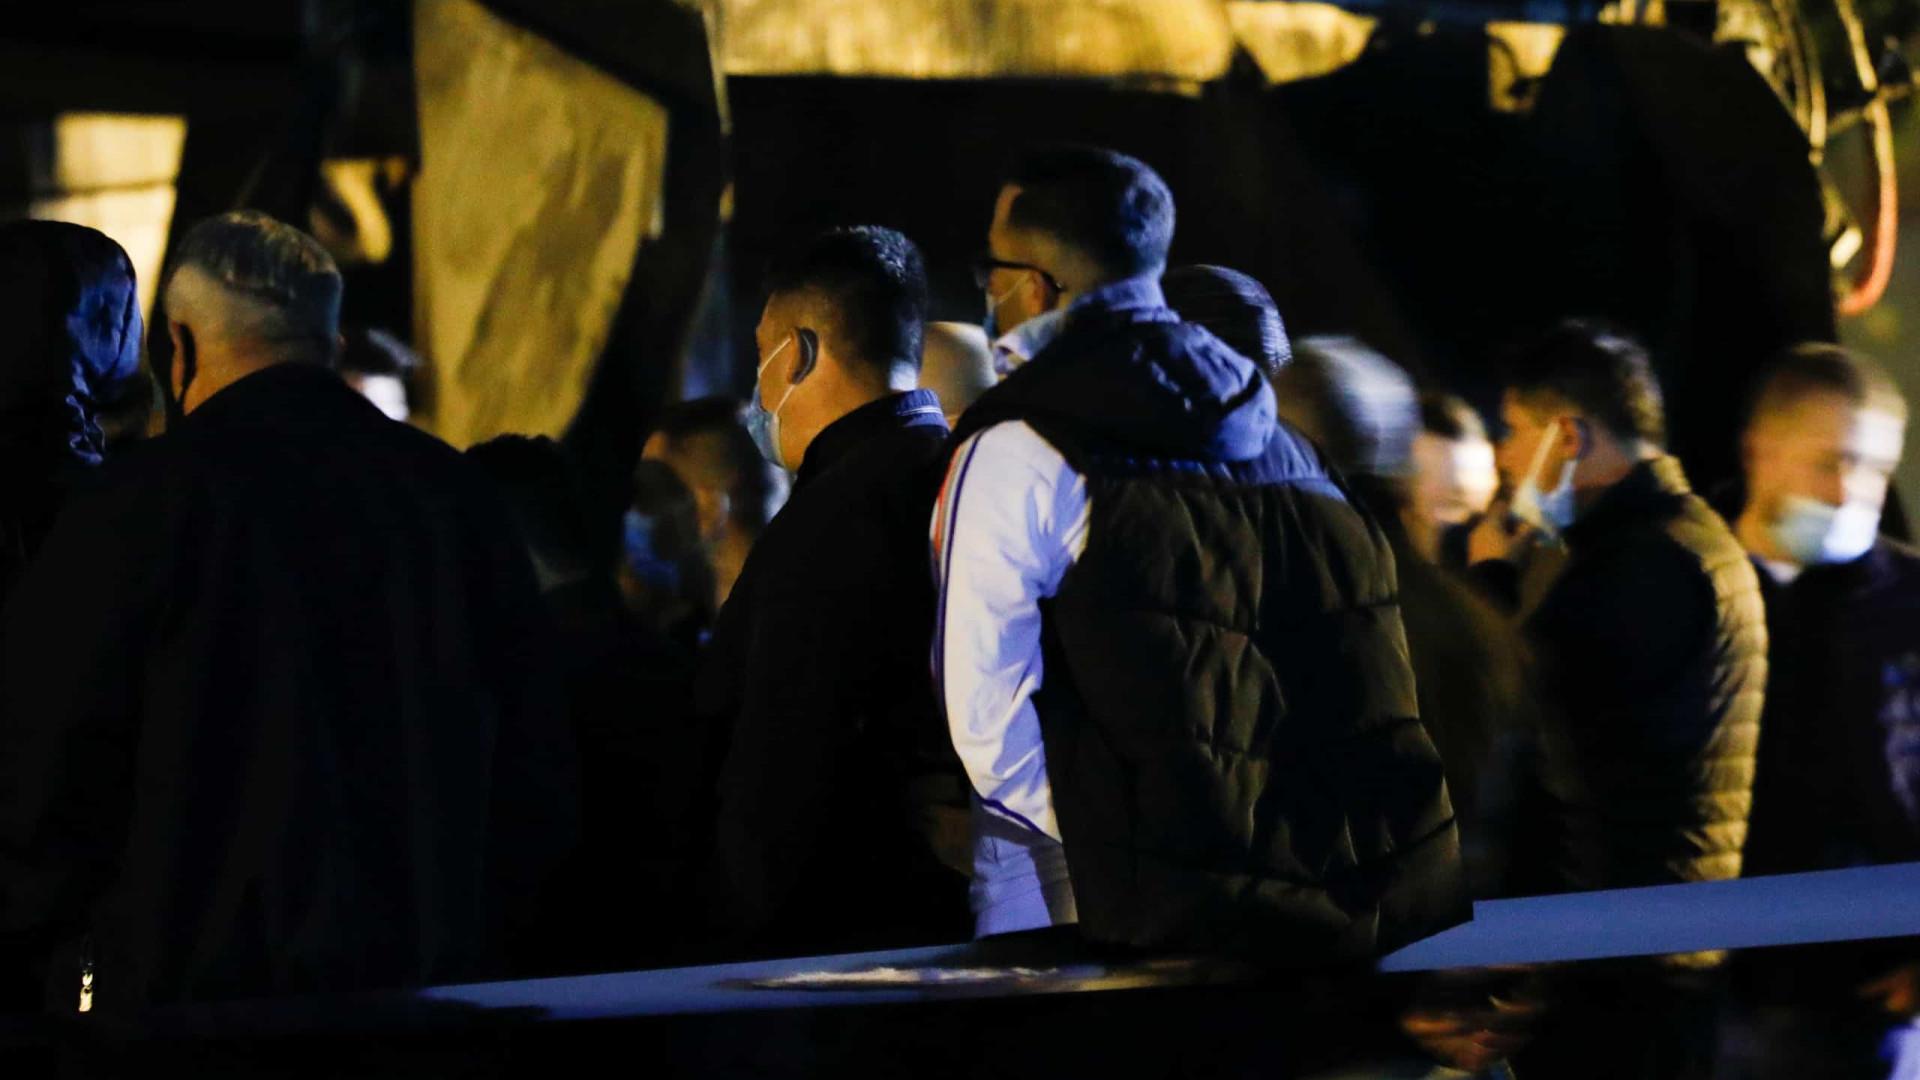 Incêndio faz 10 mortos em hospital dedicado à Covid-19 na Macedônia